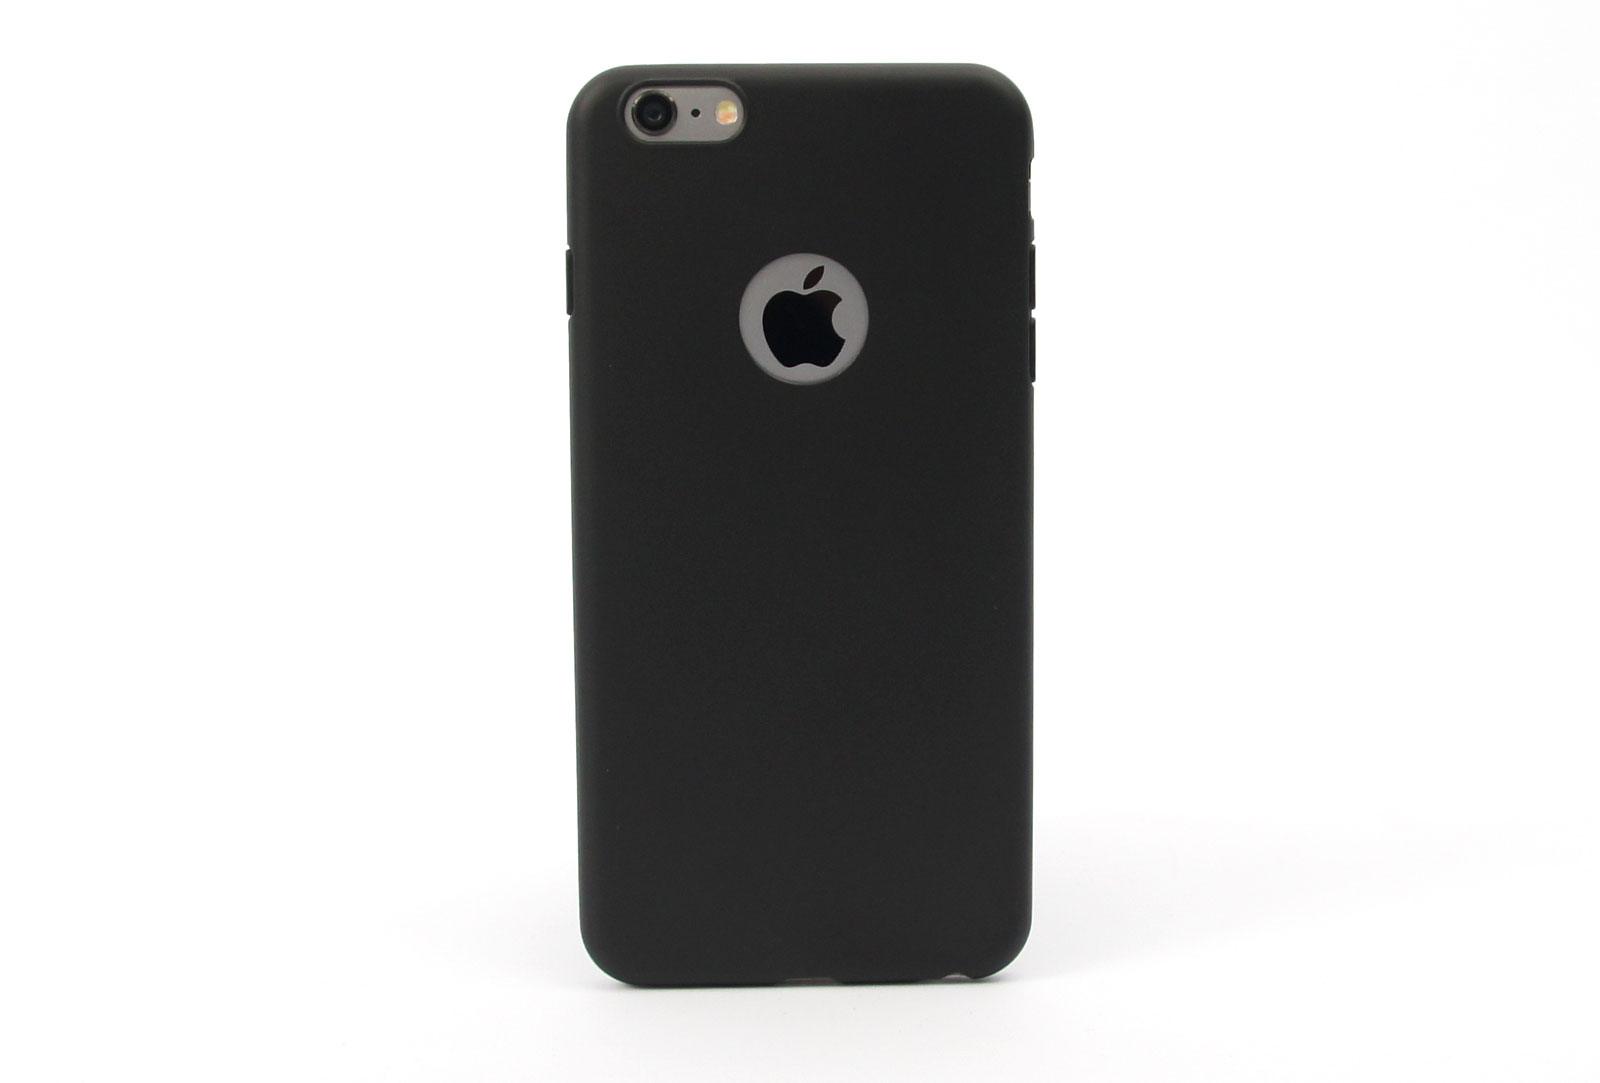 coque silicone souple noir pour iphone 6 s plus et iphone 6 plus. Black Bedroom Furniture Sets. Home Design Ideas